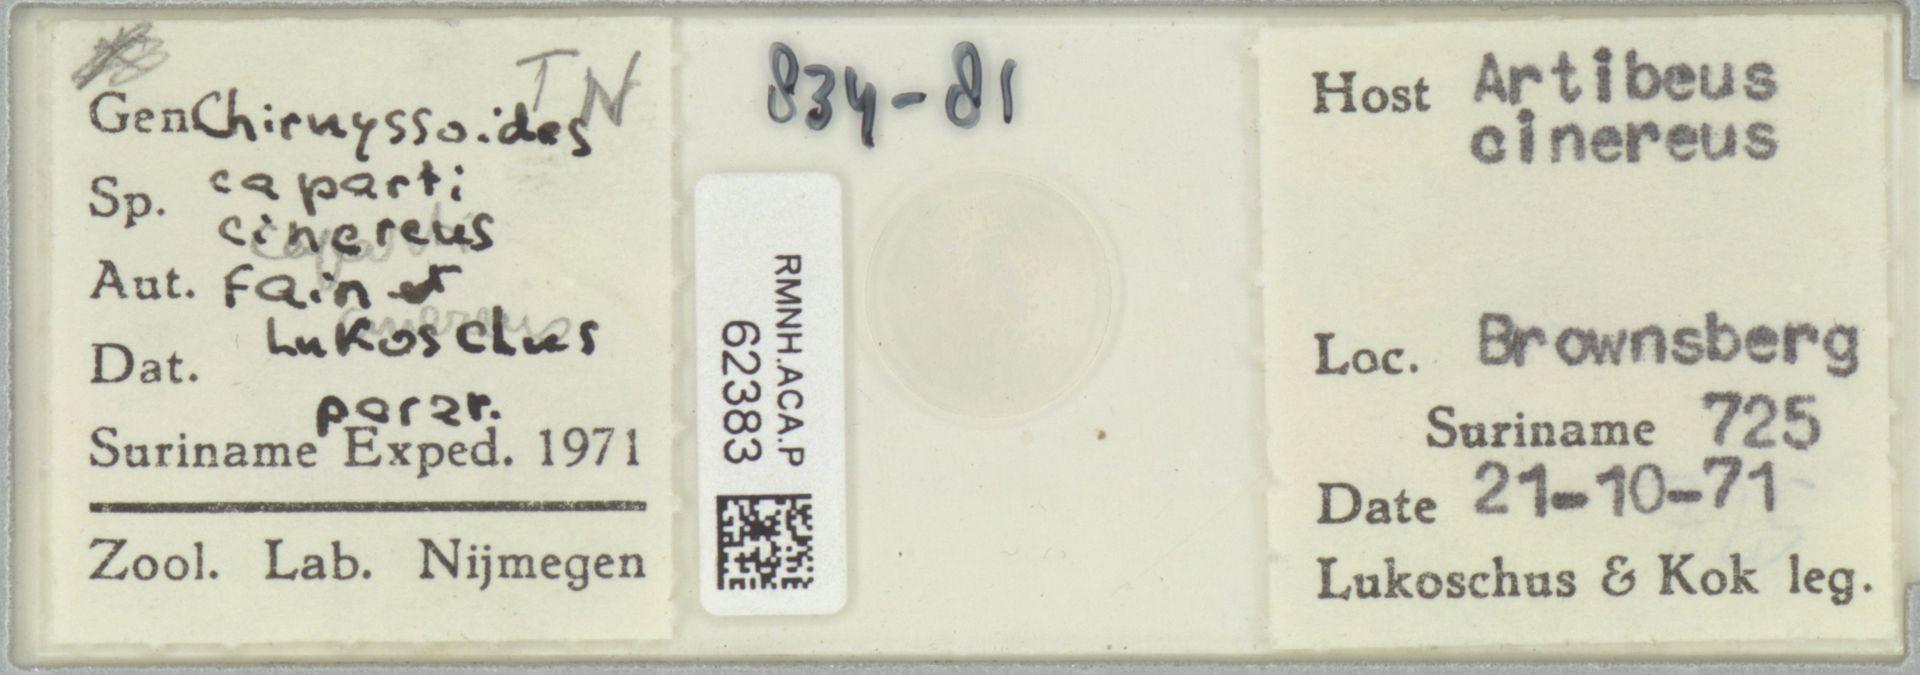 RMNH.ACA.P.62383 | Chirnyssoides caparti cinereus Fain & Lukoschus